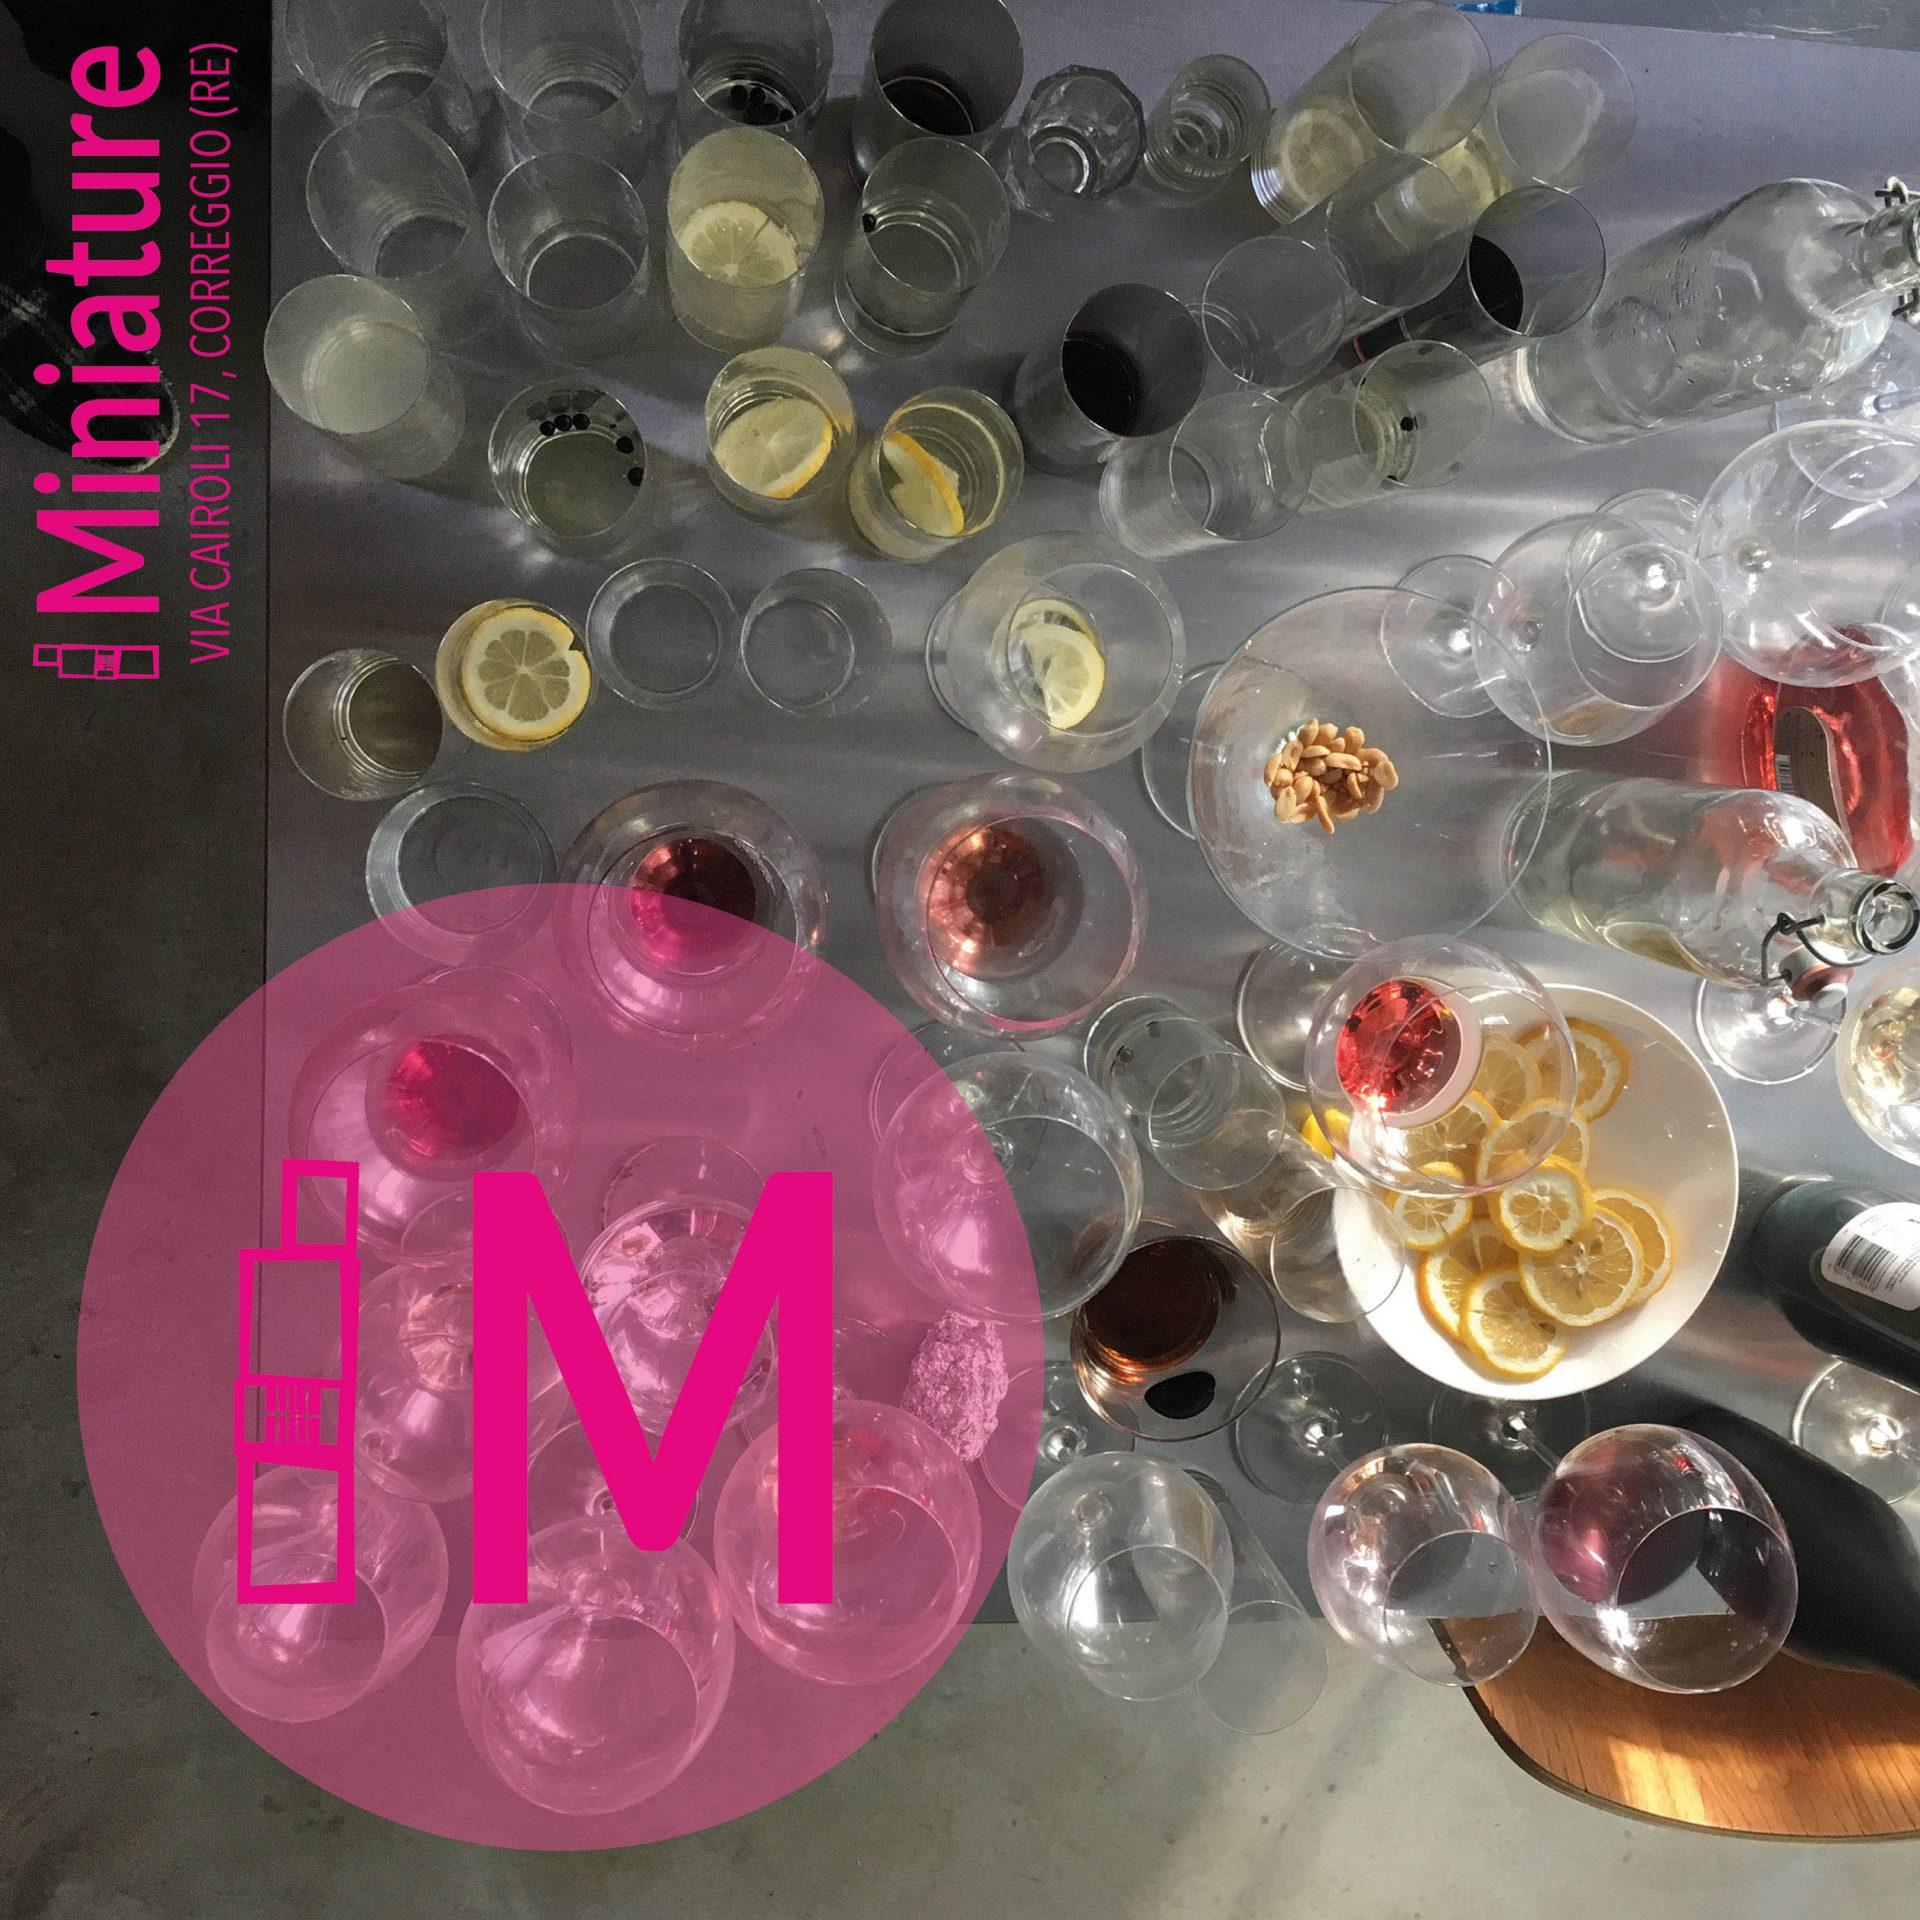 tavolo ingombro di bicchieri con logo di Miniature